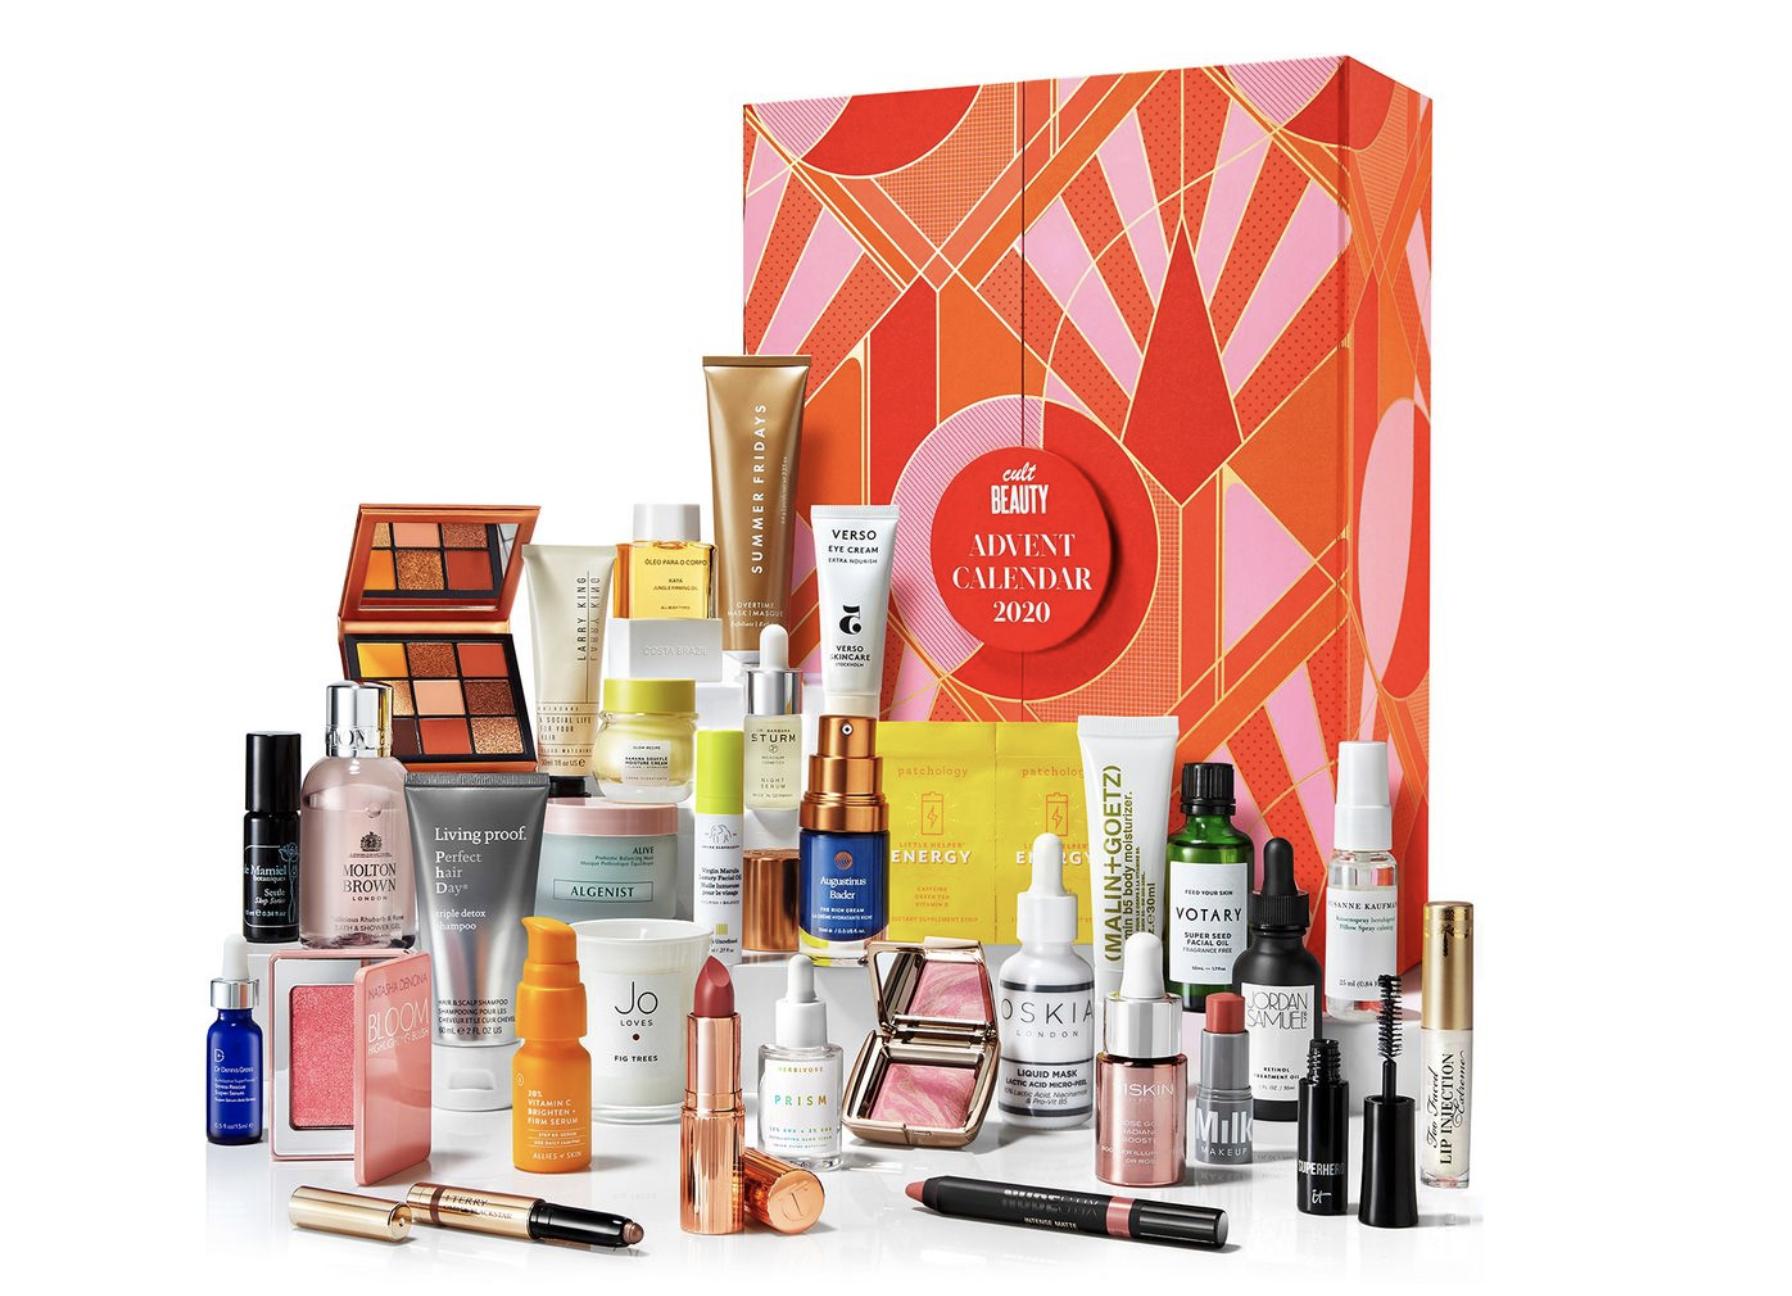 Cult Beauty Advent Calendar 2020 Contents